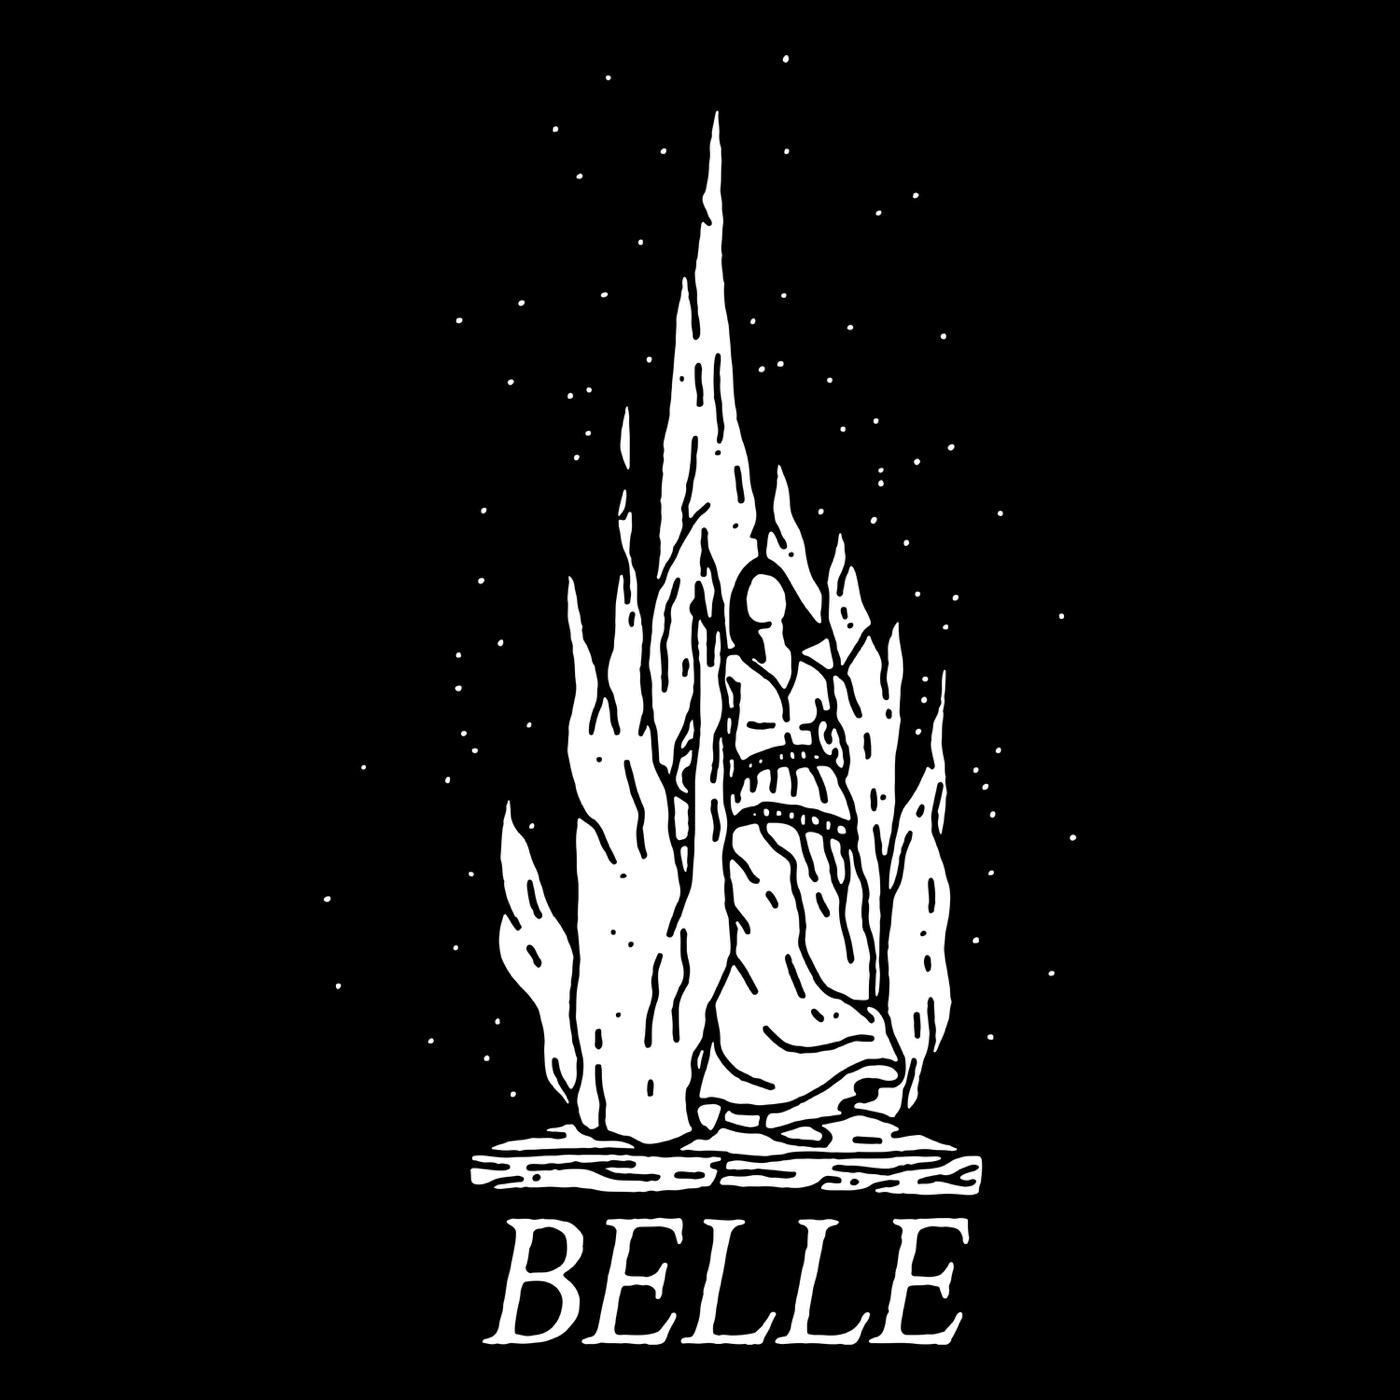 Belle - February [Single] (2019)